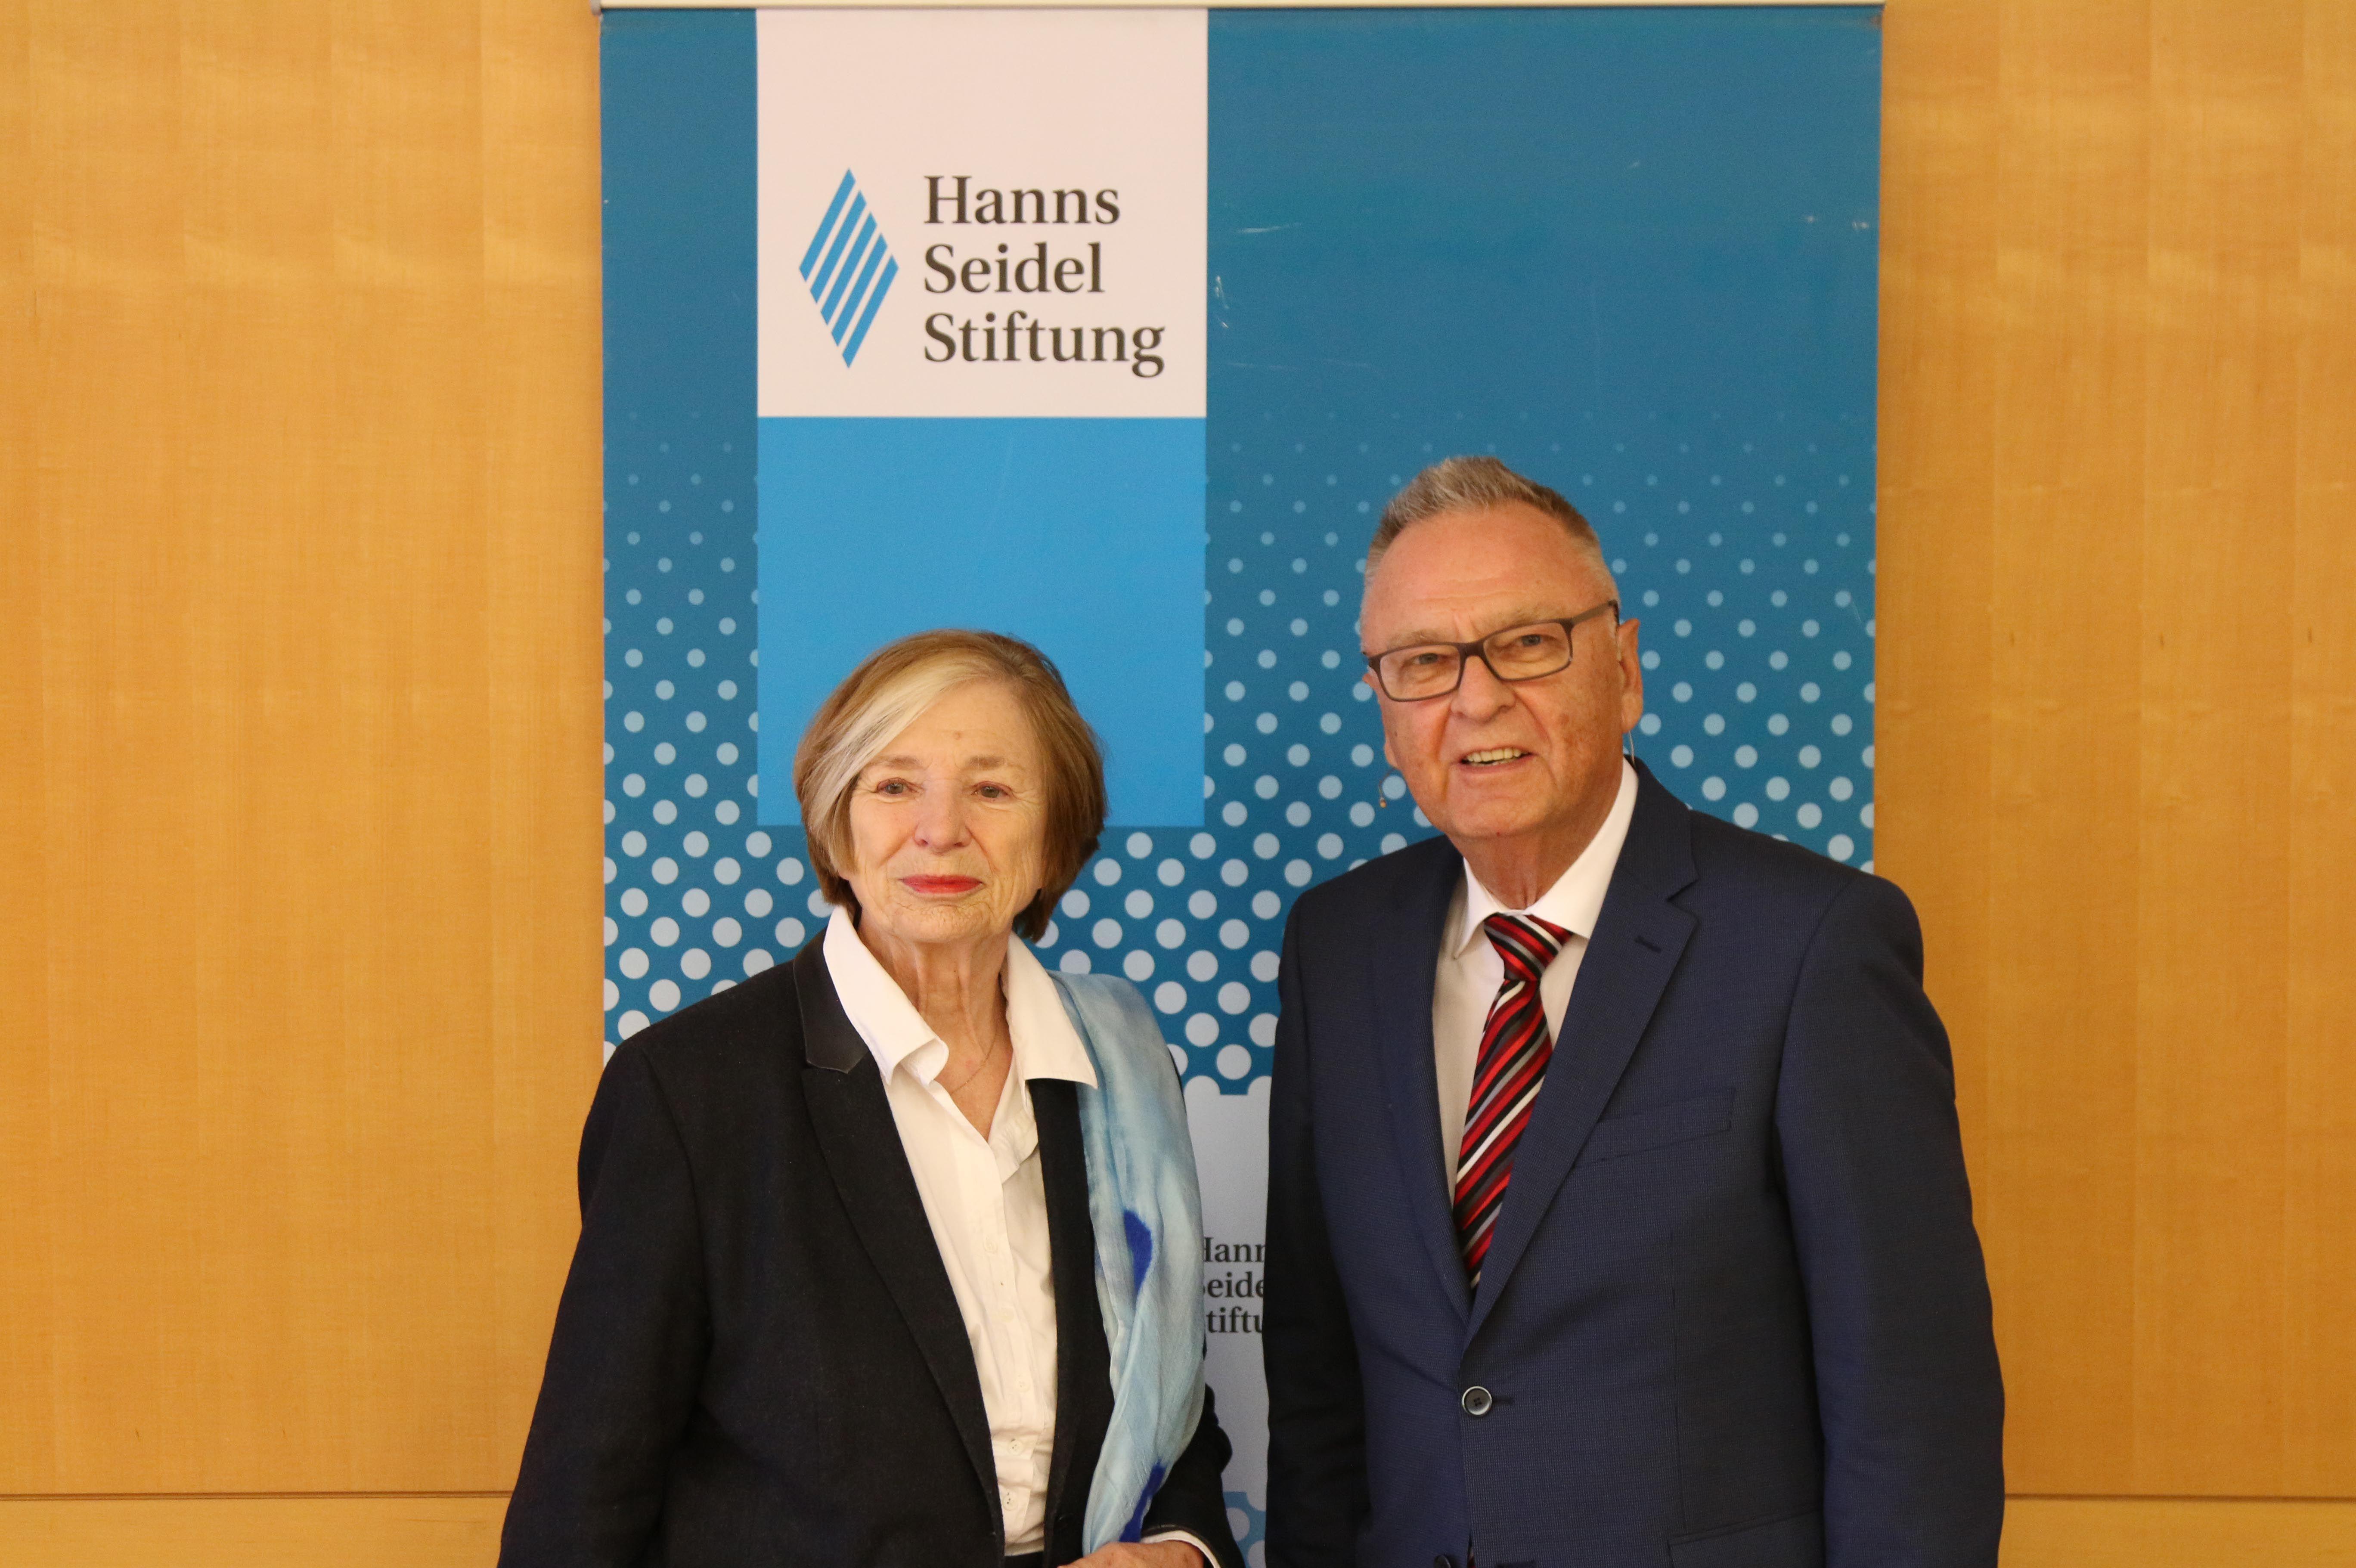 Die Vorsitzende der Hanns-Seidel-Stiftung, Prof. Ursula Männle mit Prof. Dr. Hans-Jürgen Papier, Präsident des Bundesverfassungsgerichtes a.D.